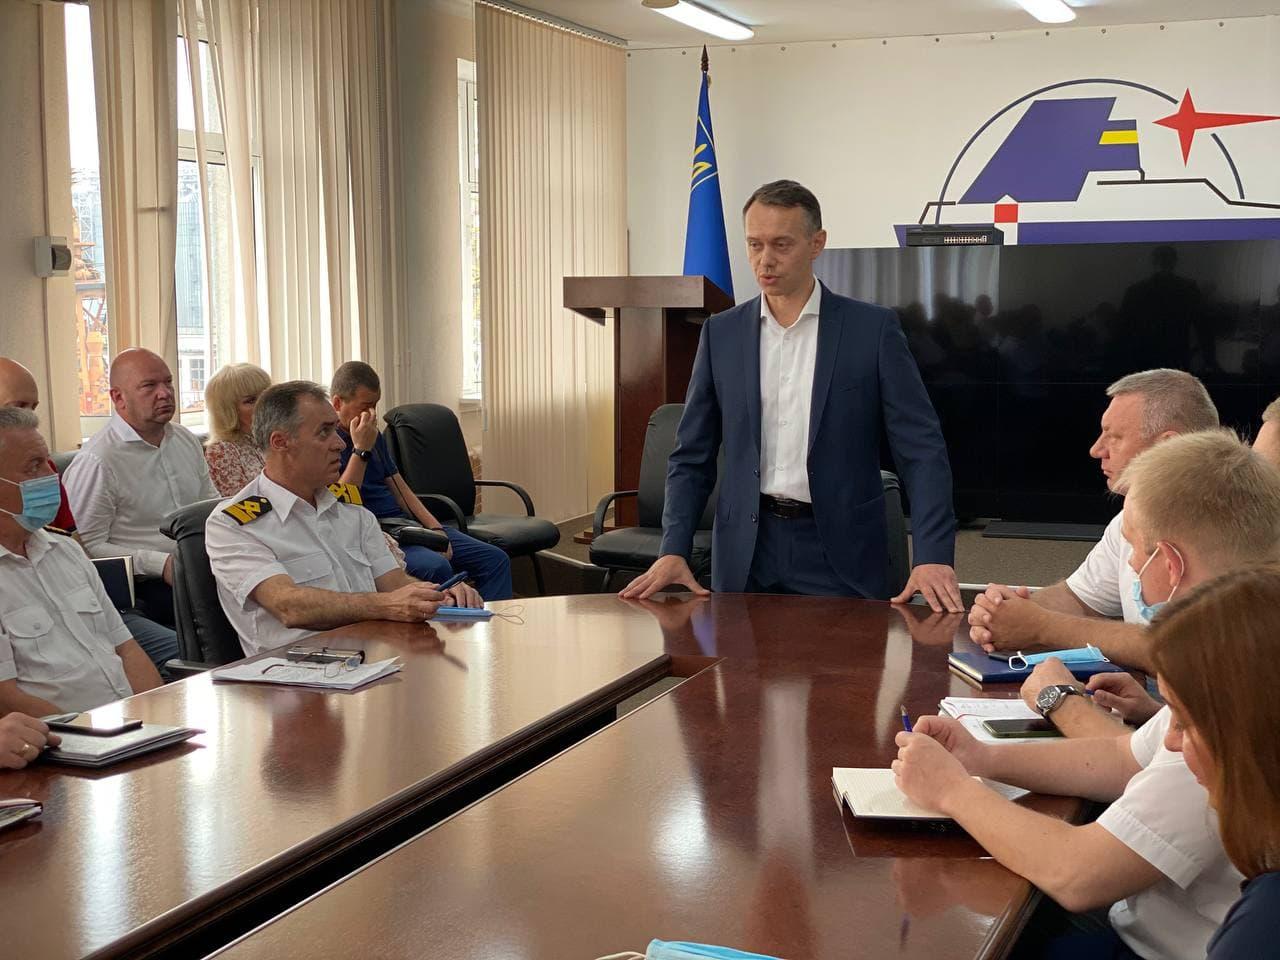 На ДП «Одеський порт» відзначили професійне свято - День працівників морського та річкового флоту України.